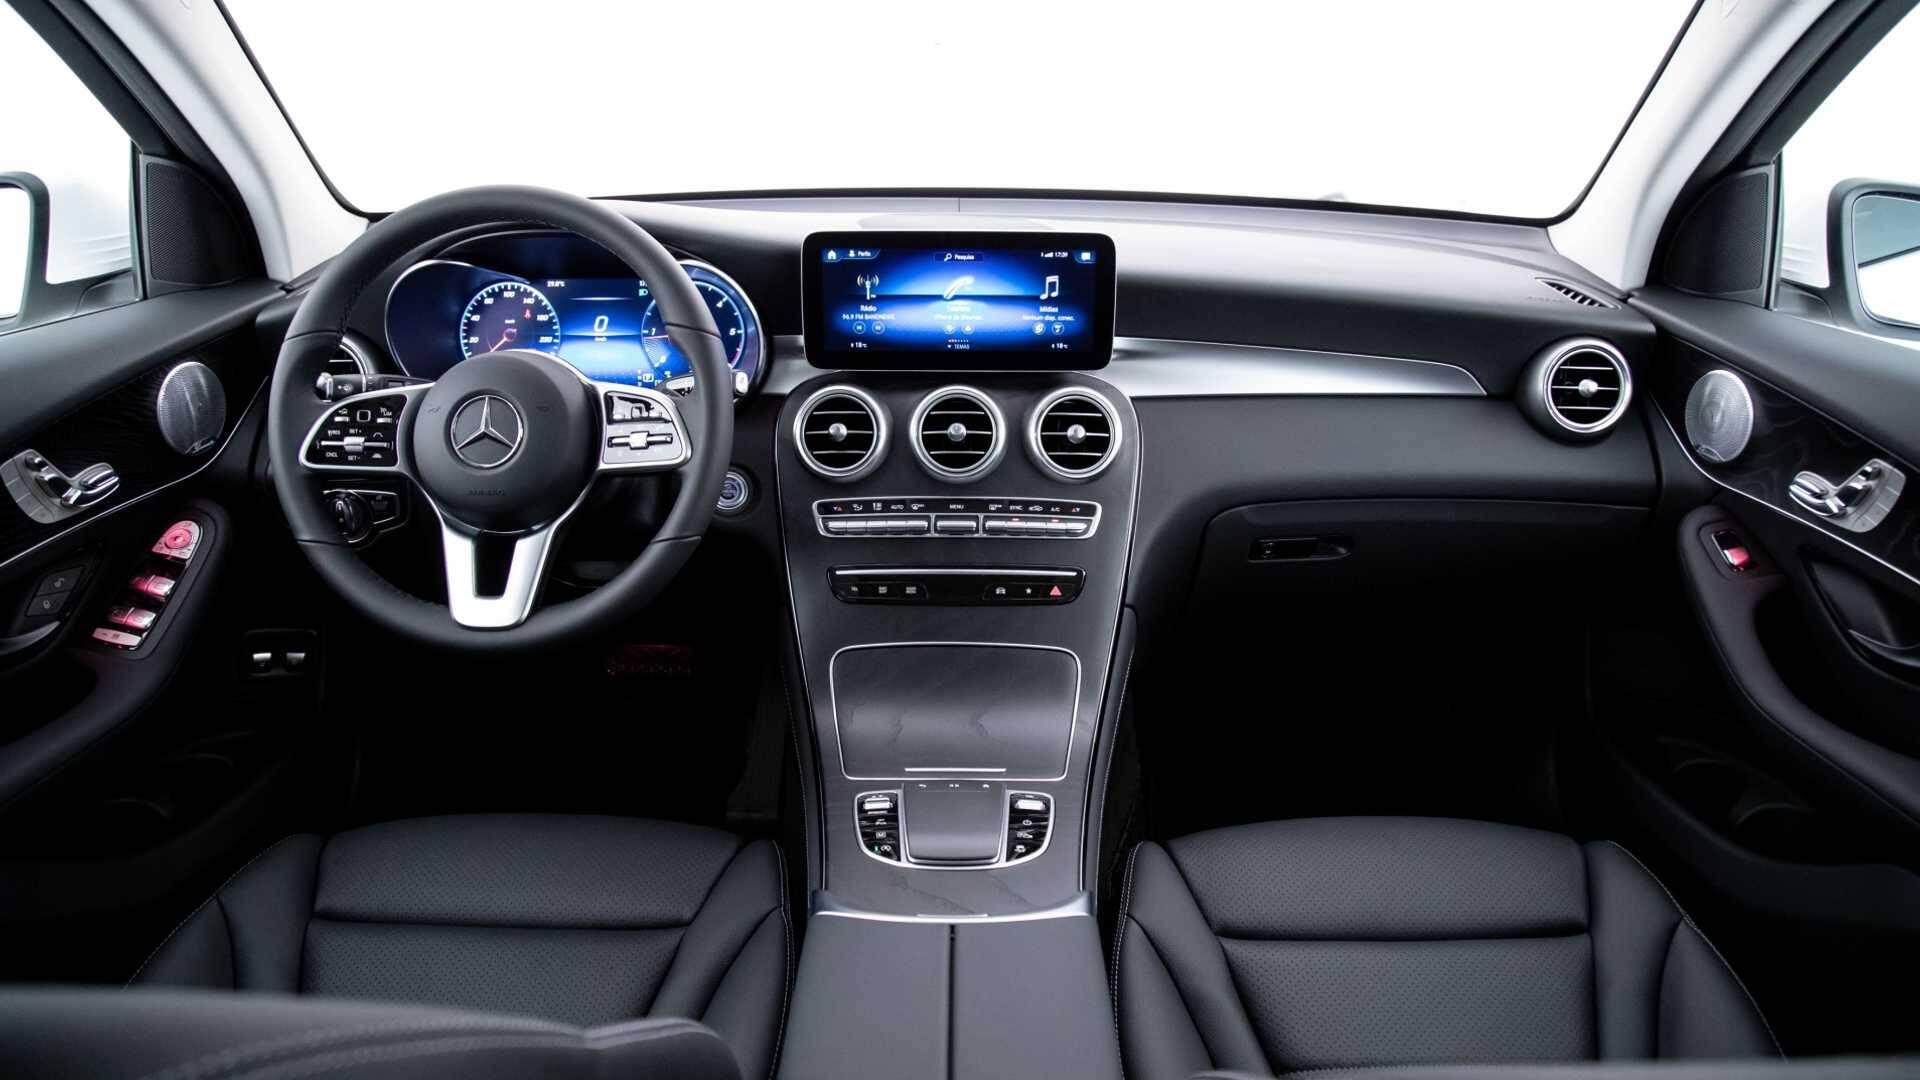 Mercedes GLC 220d. Foto: Divulgação